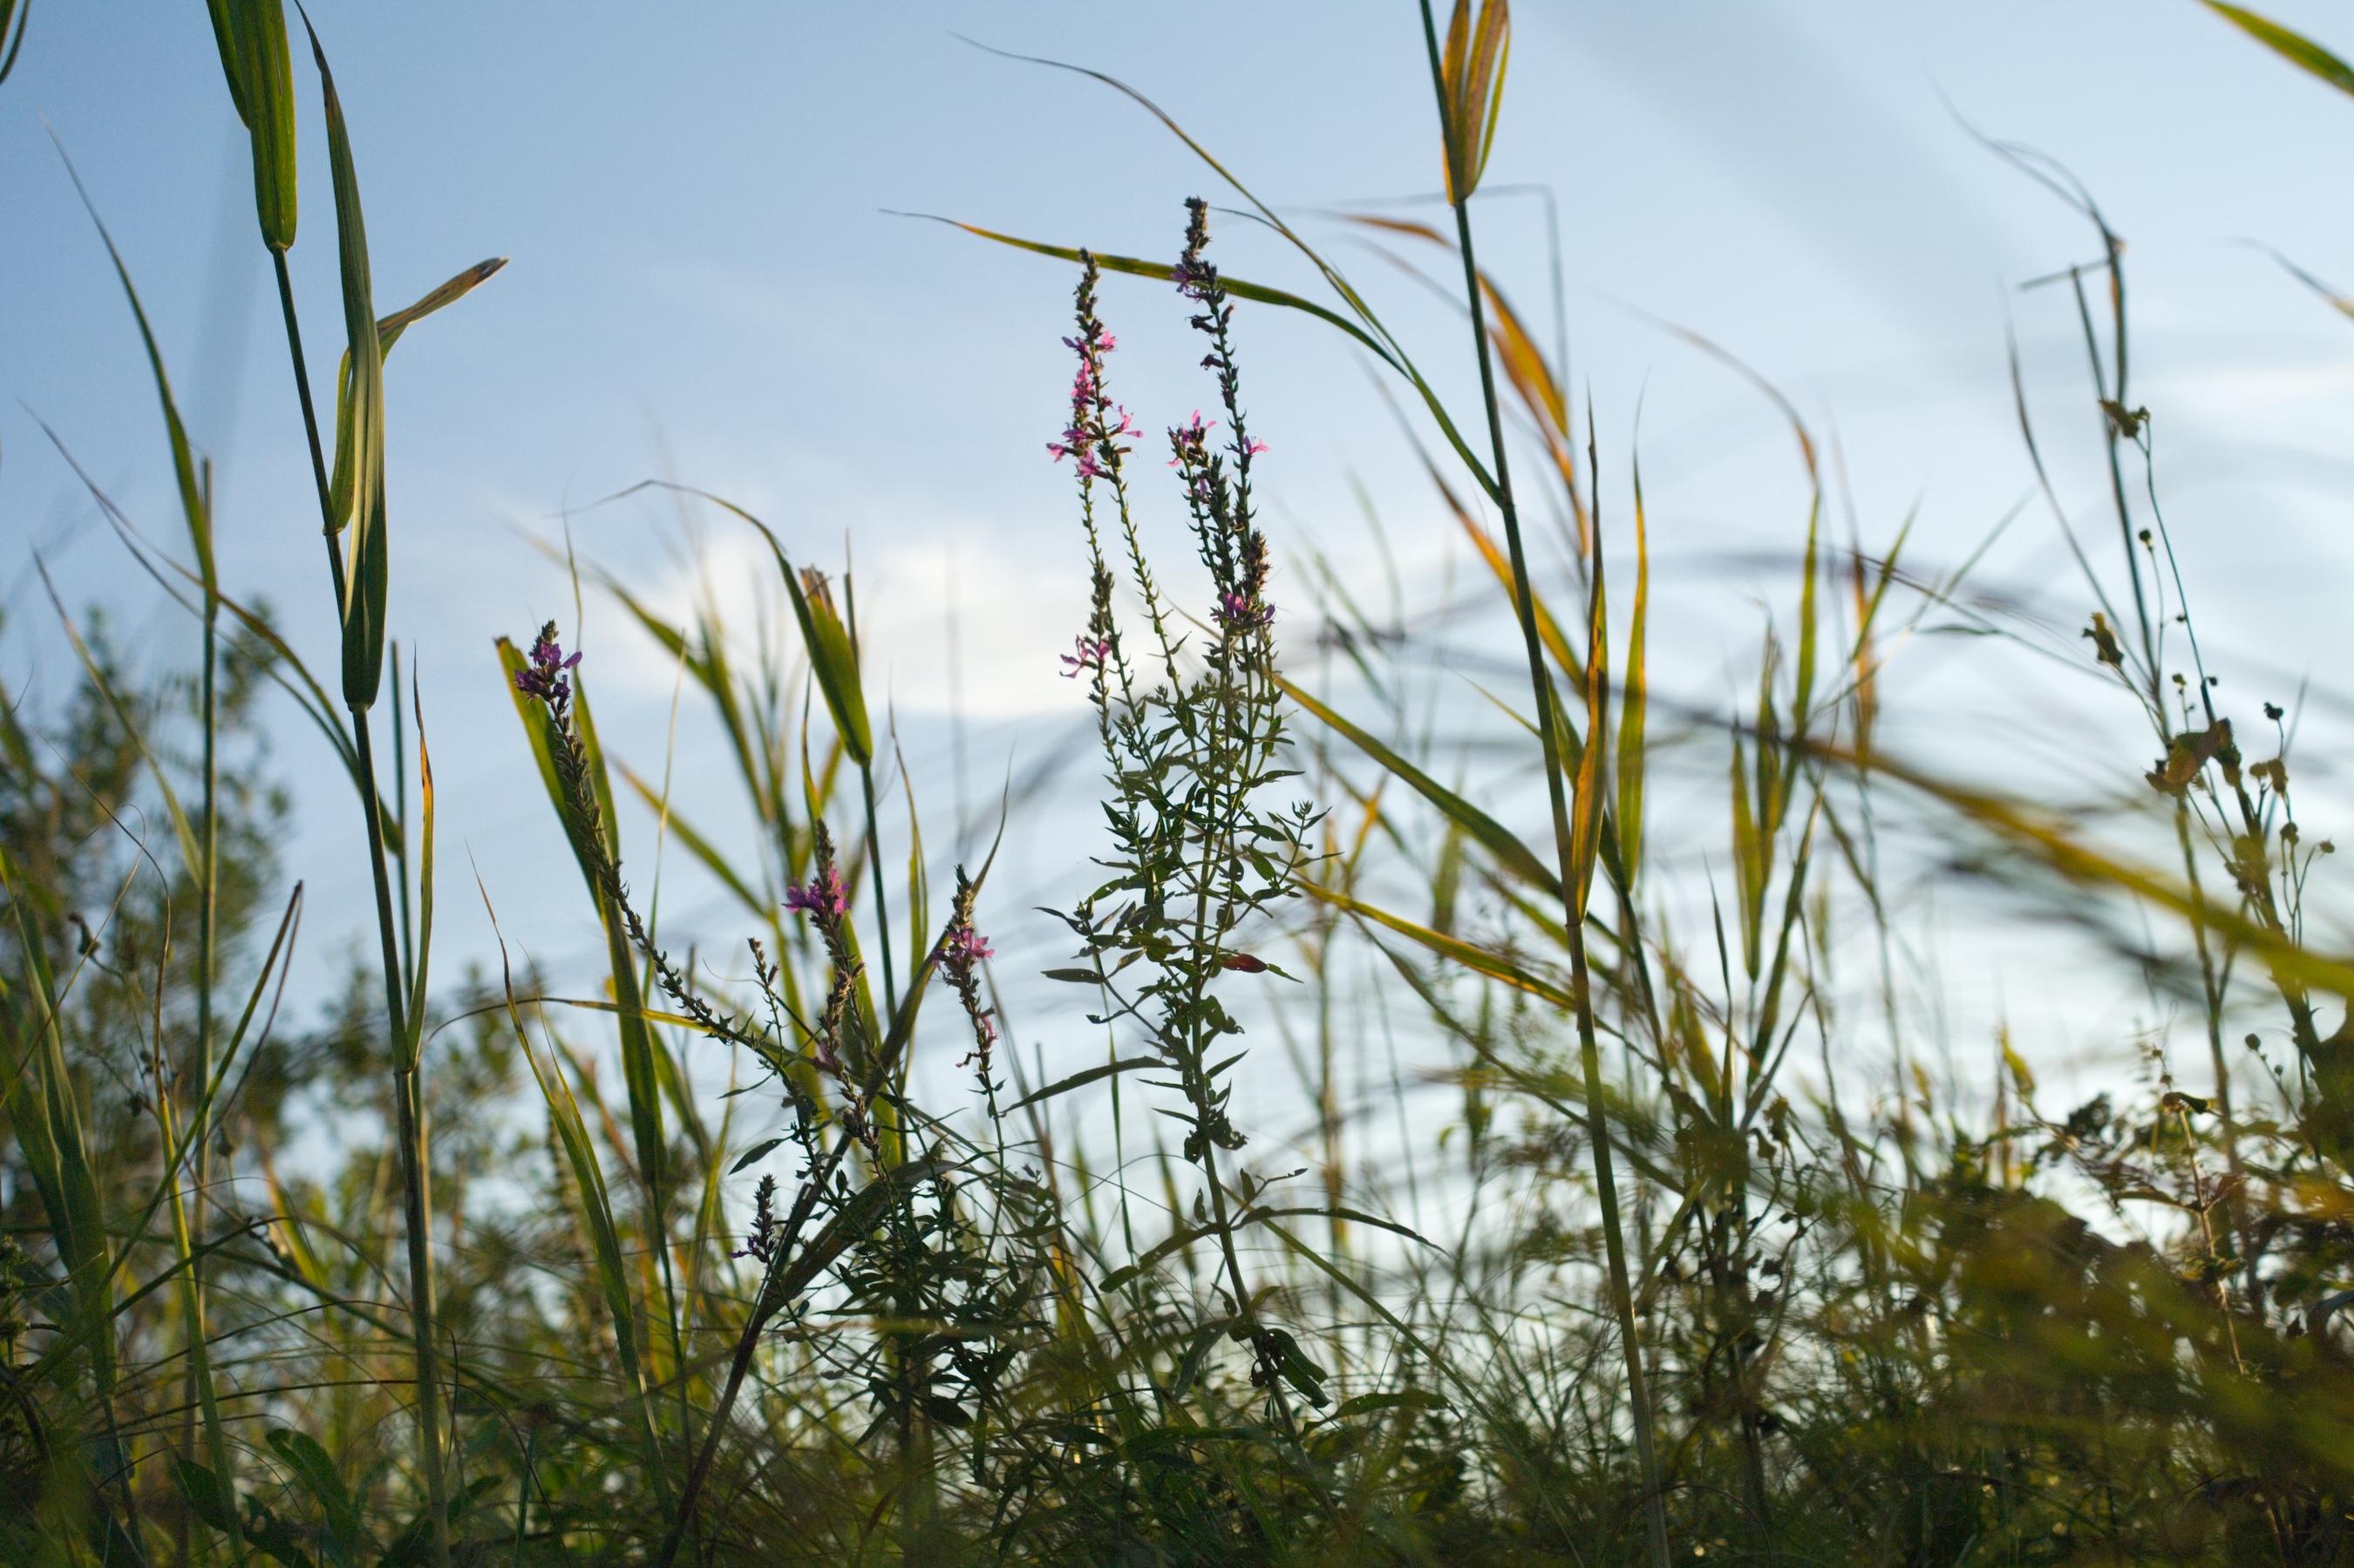 Grass, Wallpaper, Green, Summer, Sky, HQ Photo